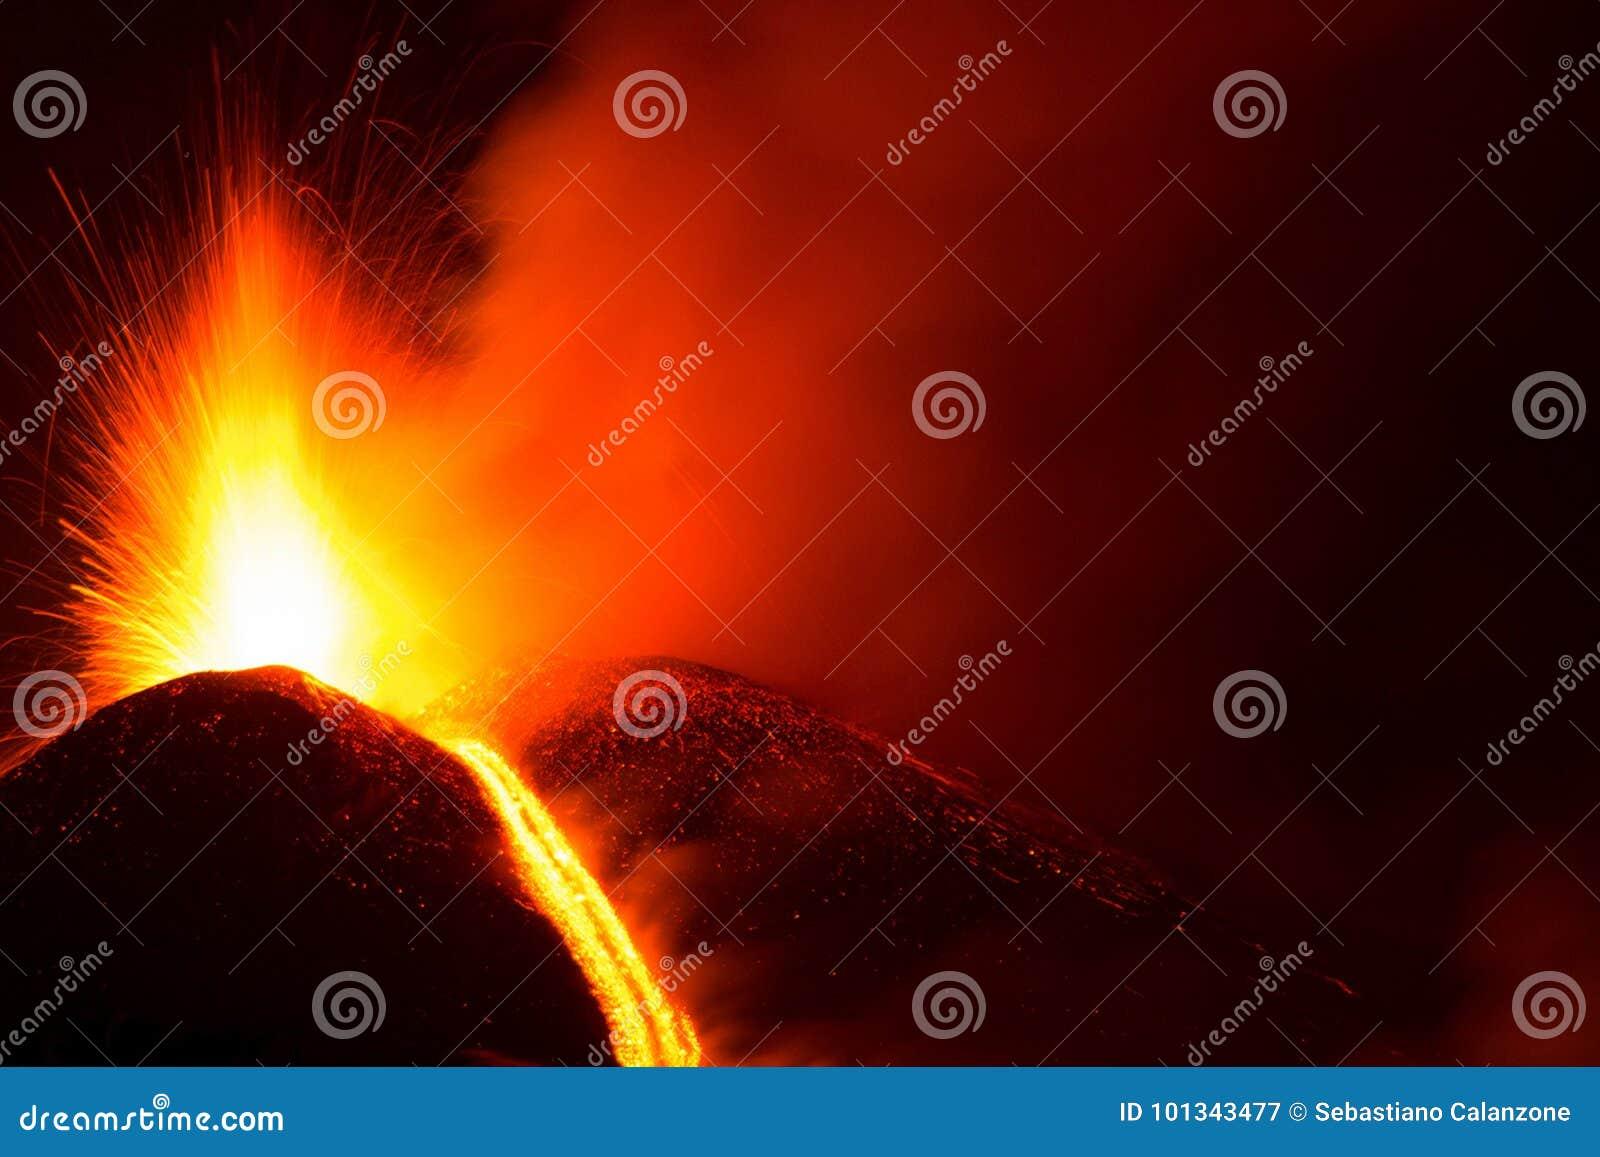 Uitbarsting bij de actieve krater van de vulkaan van Etna met lavaexplosie